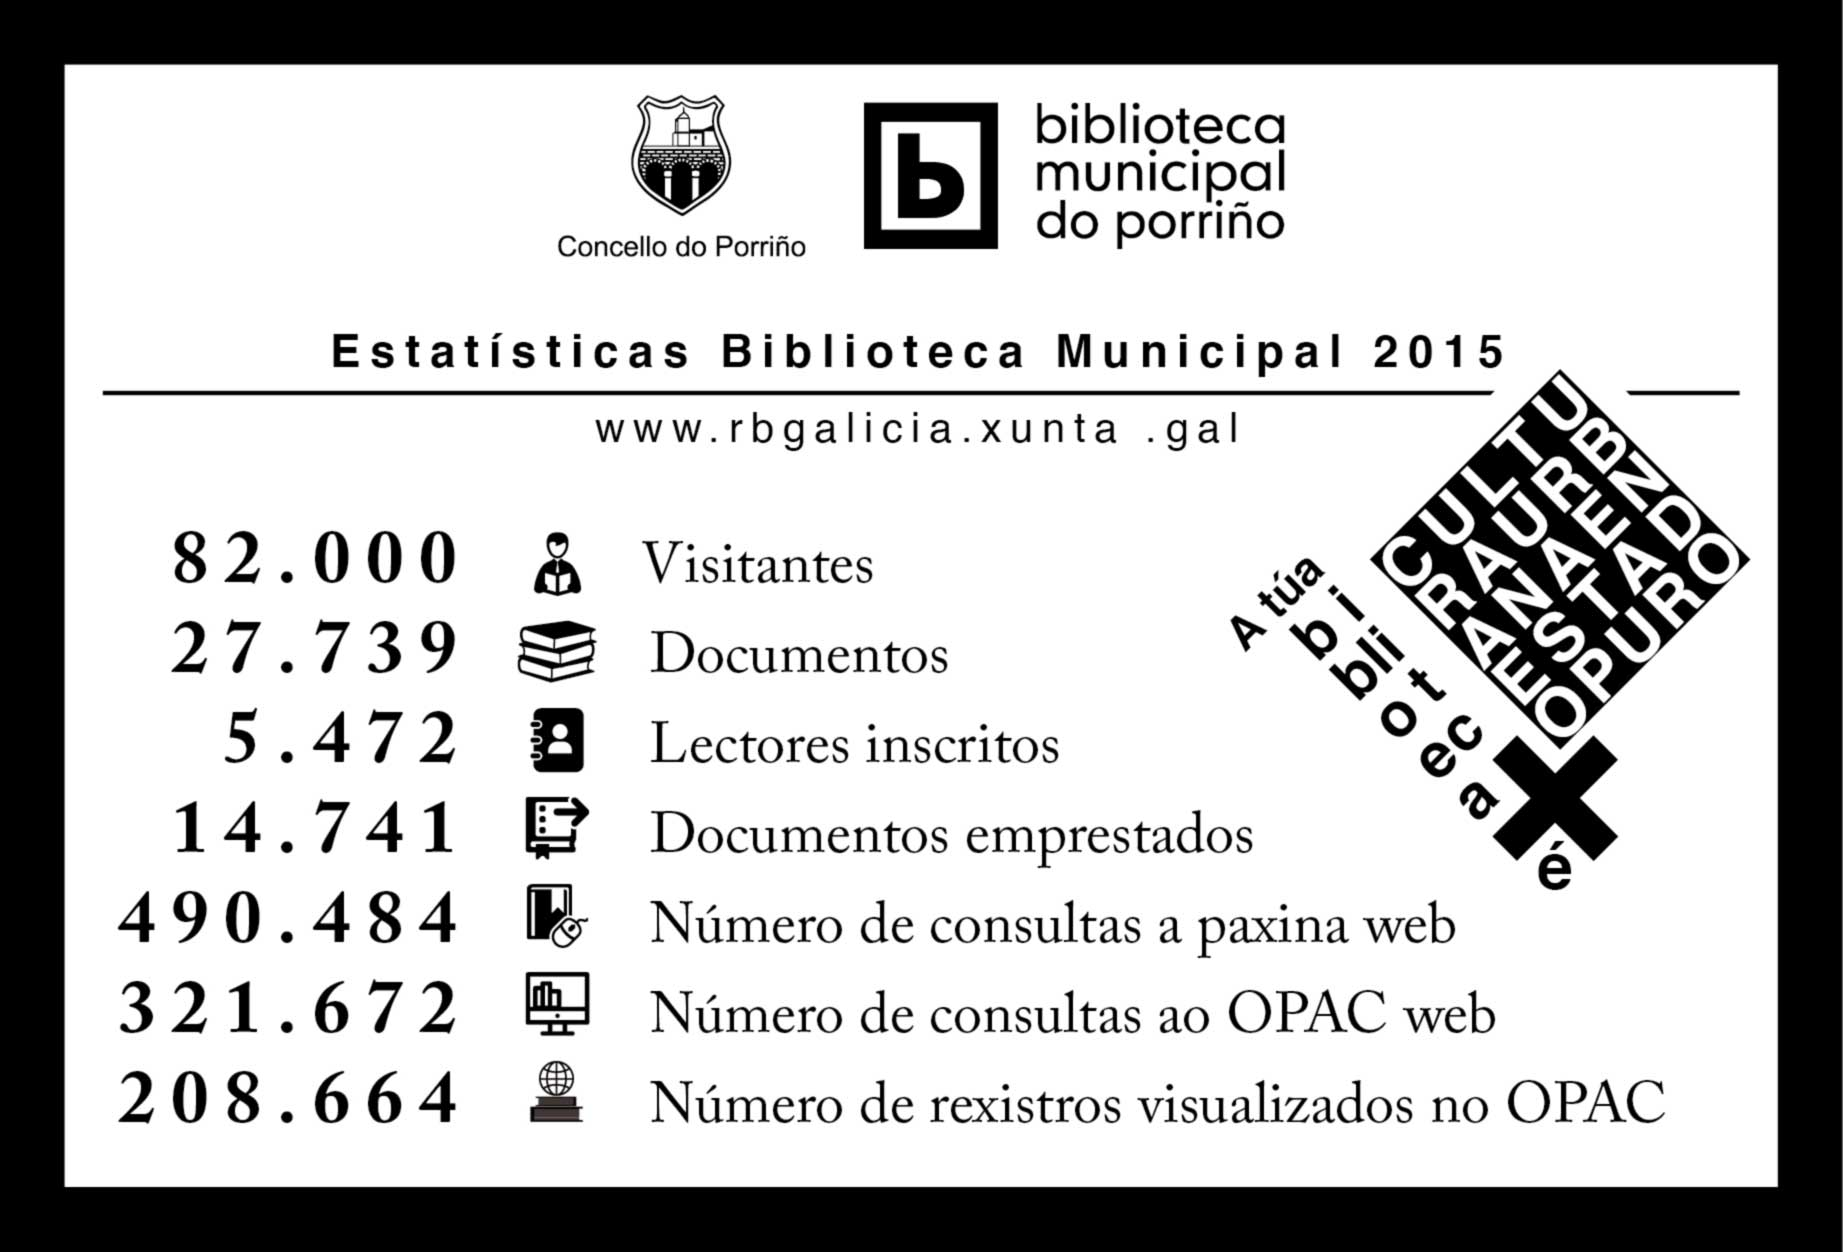 Estatísticas biblioteca Municipal do Porriño